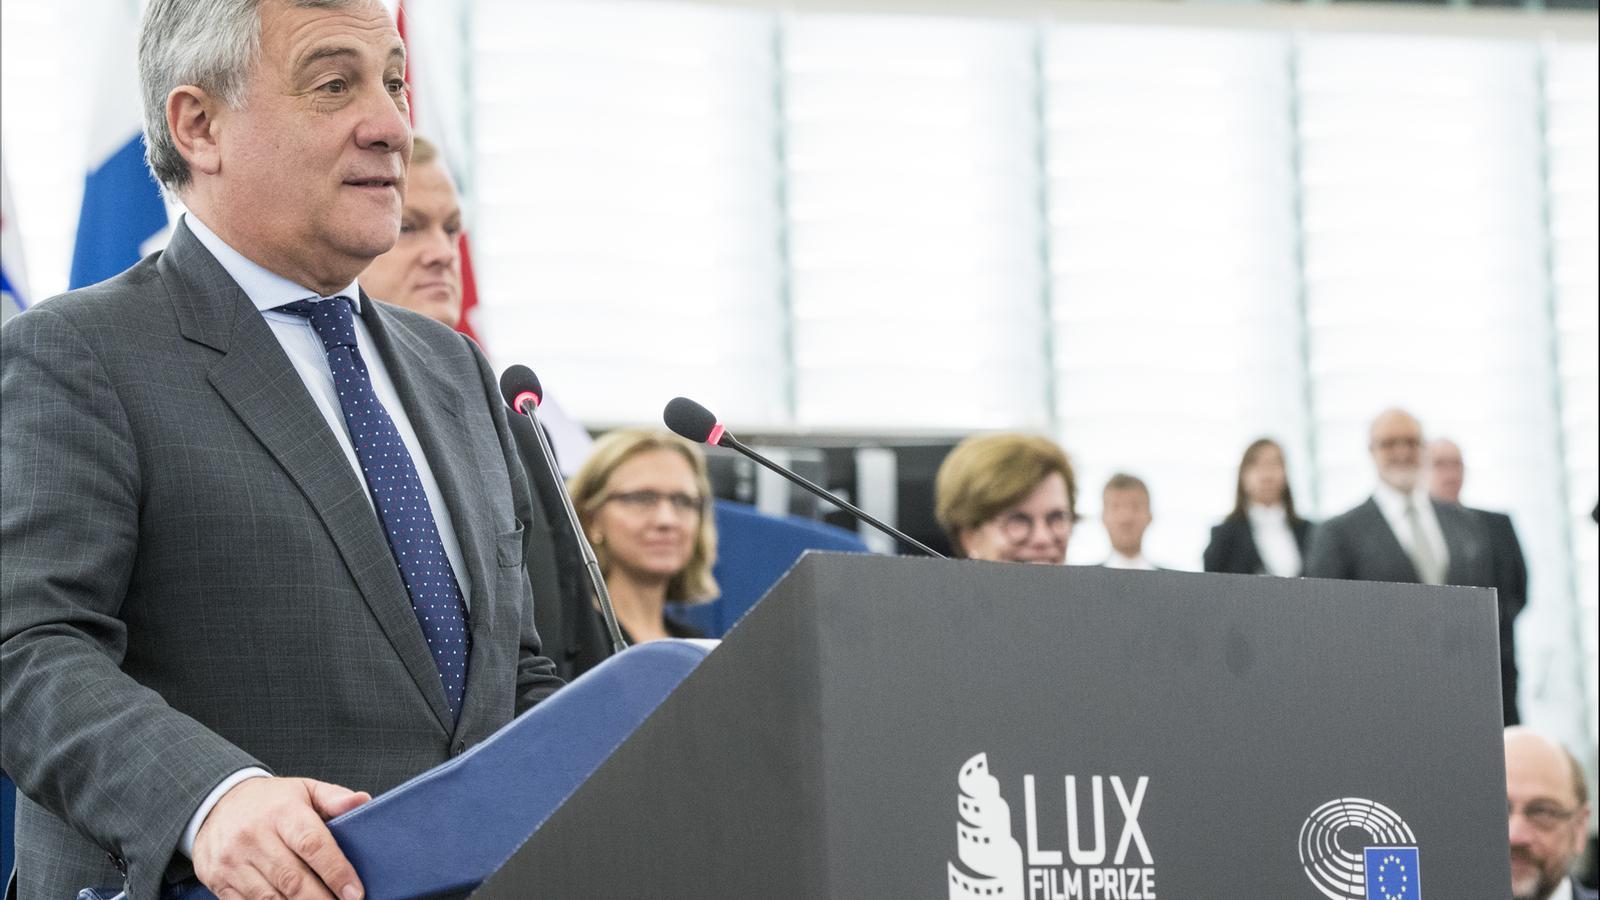 El conservador italià Antonio Tajani és el candidat favorit per convertir-se avui en president del Parlament Europeu